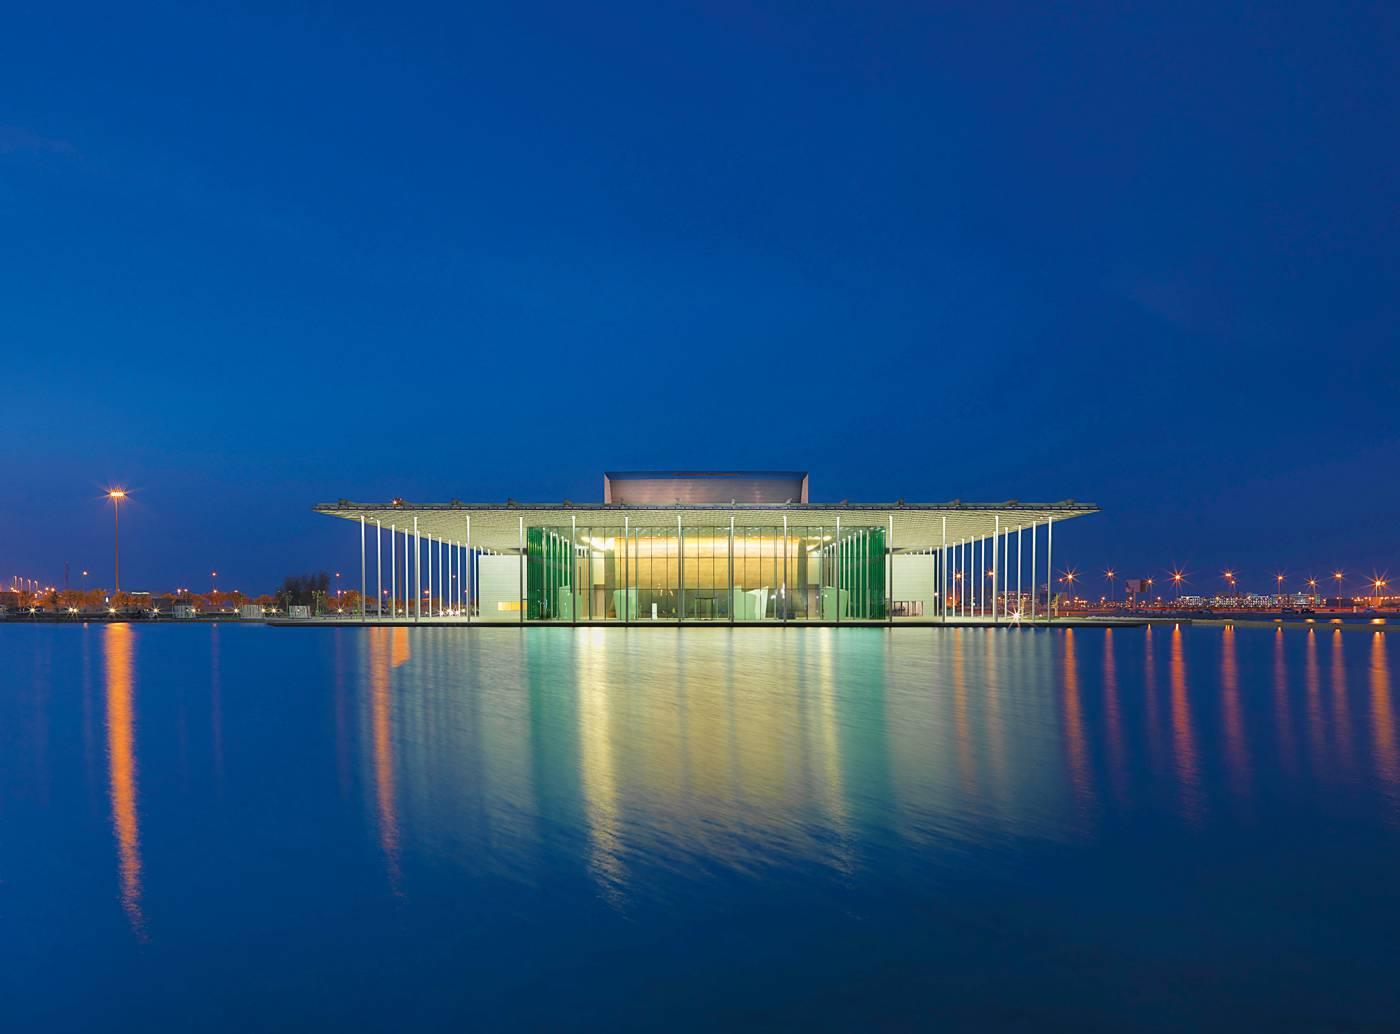 Le Théâtre national du Bahreïn à Manama abrite une salle de spectacle de mille  et une places, comme  il se doit.